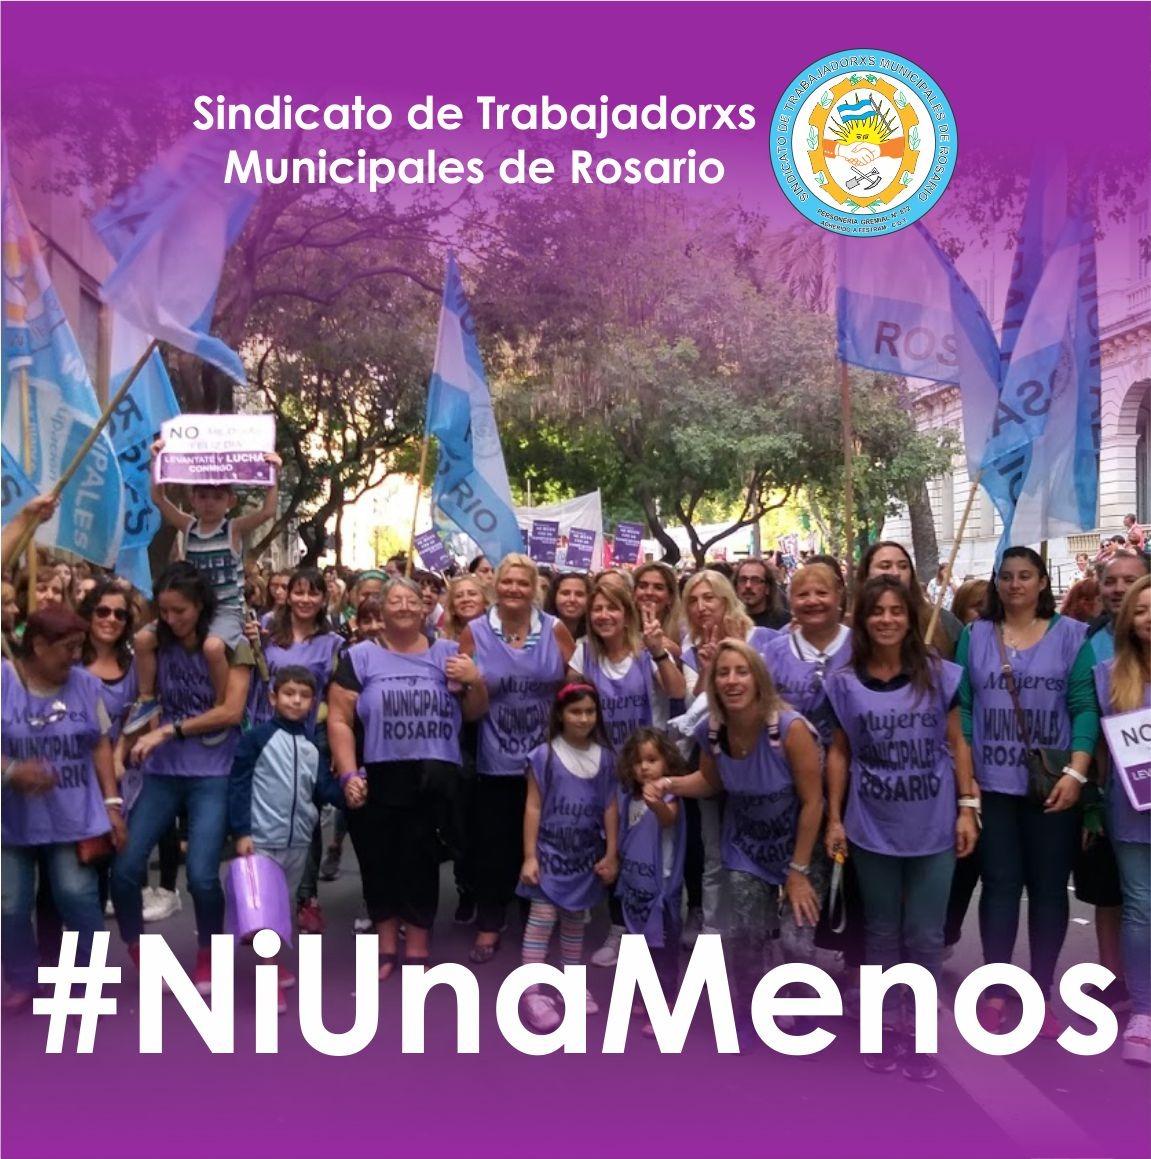 MunicipalesR photo